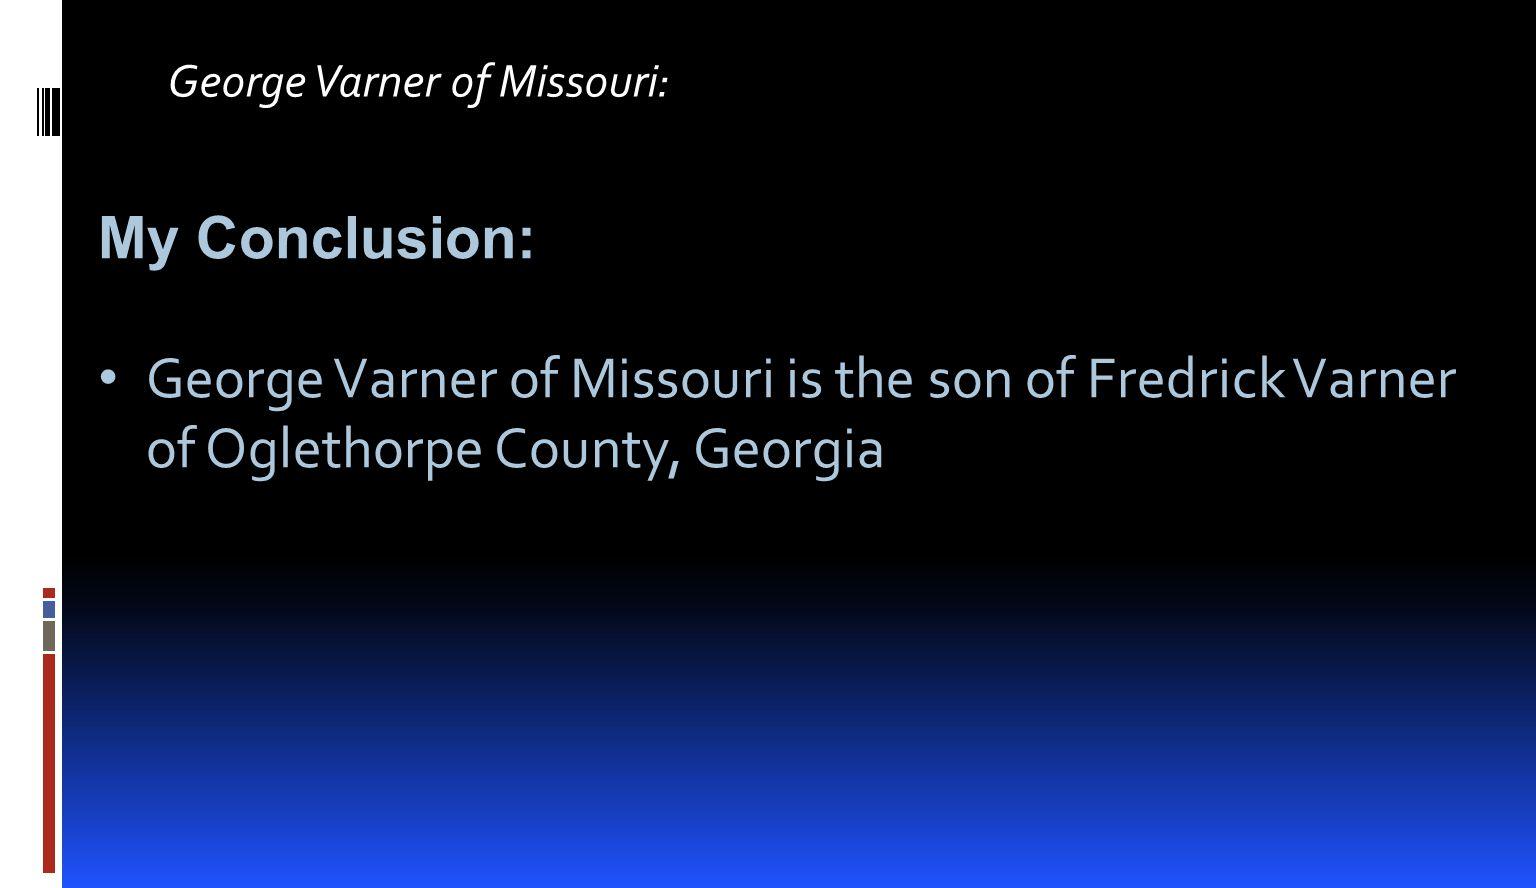 George Varner of Missouri: